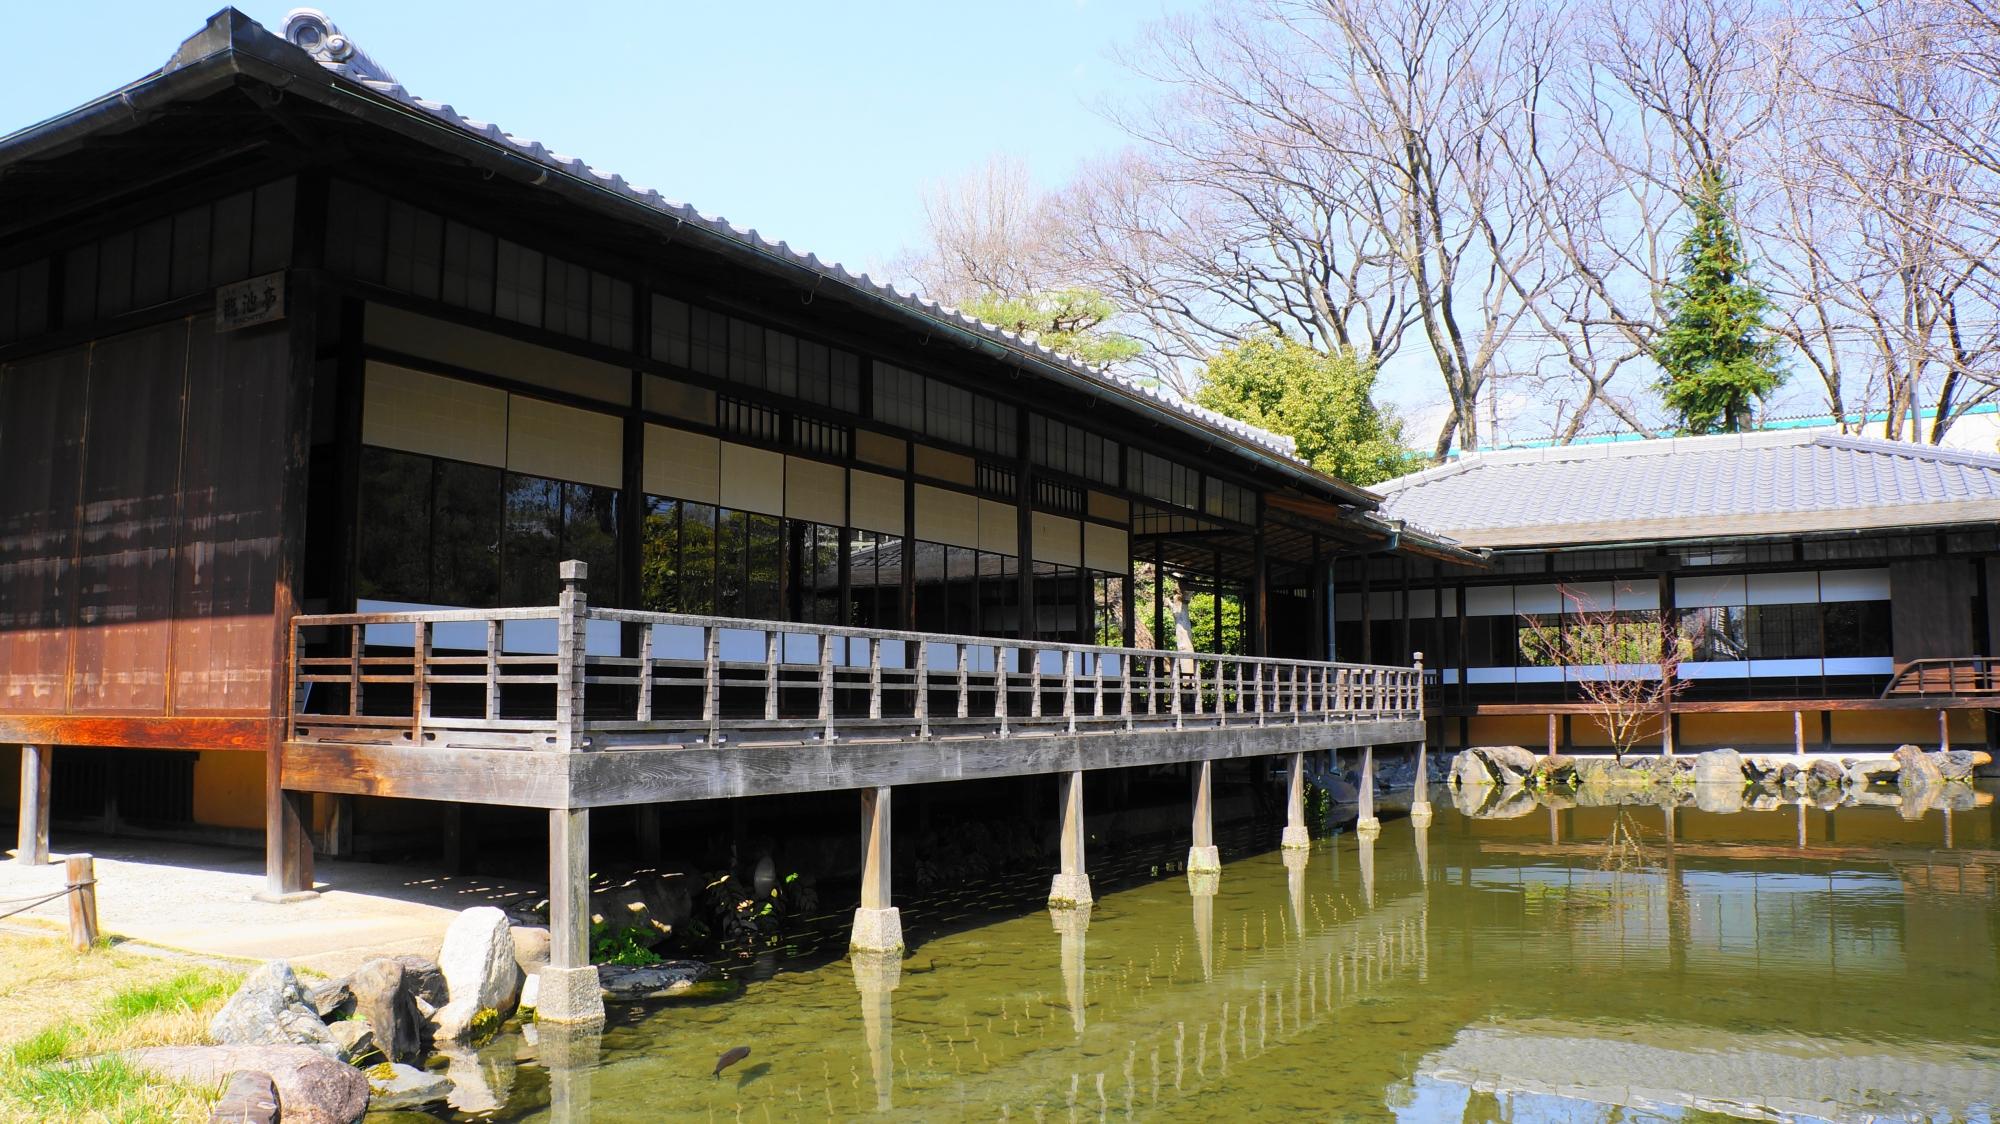 風情ある水辺の臨池亭(りんちてい)と滴翠軒(てきすいけん)